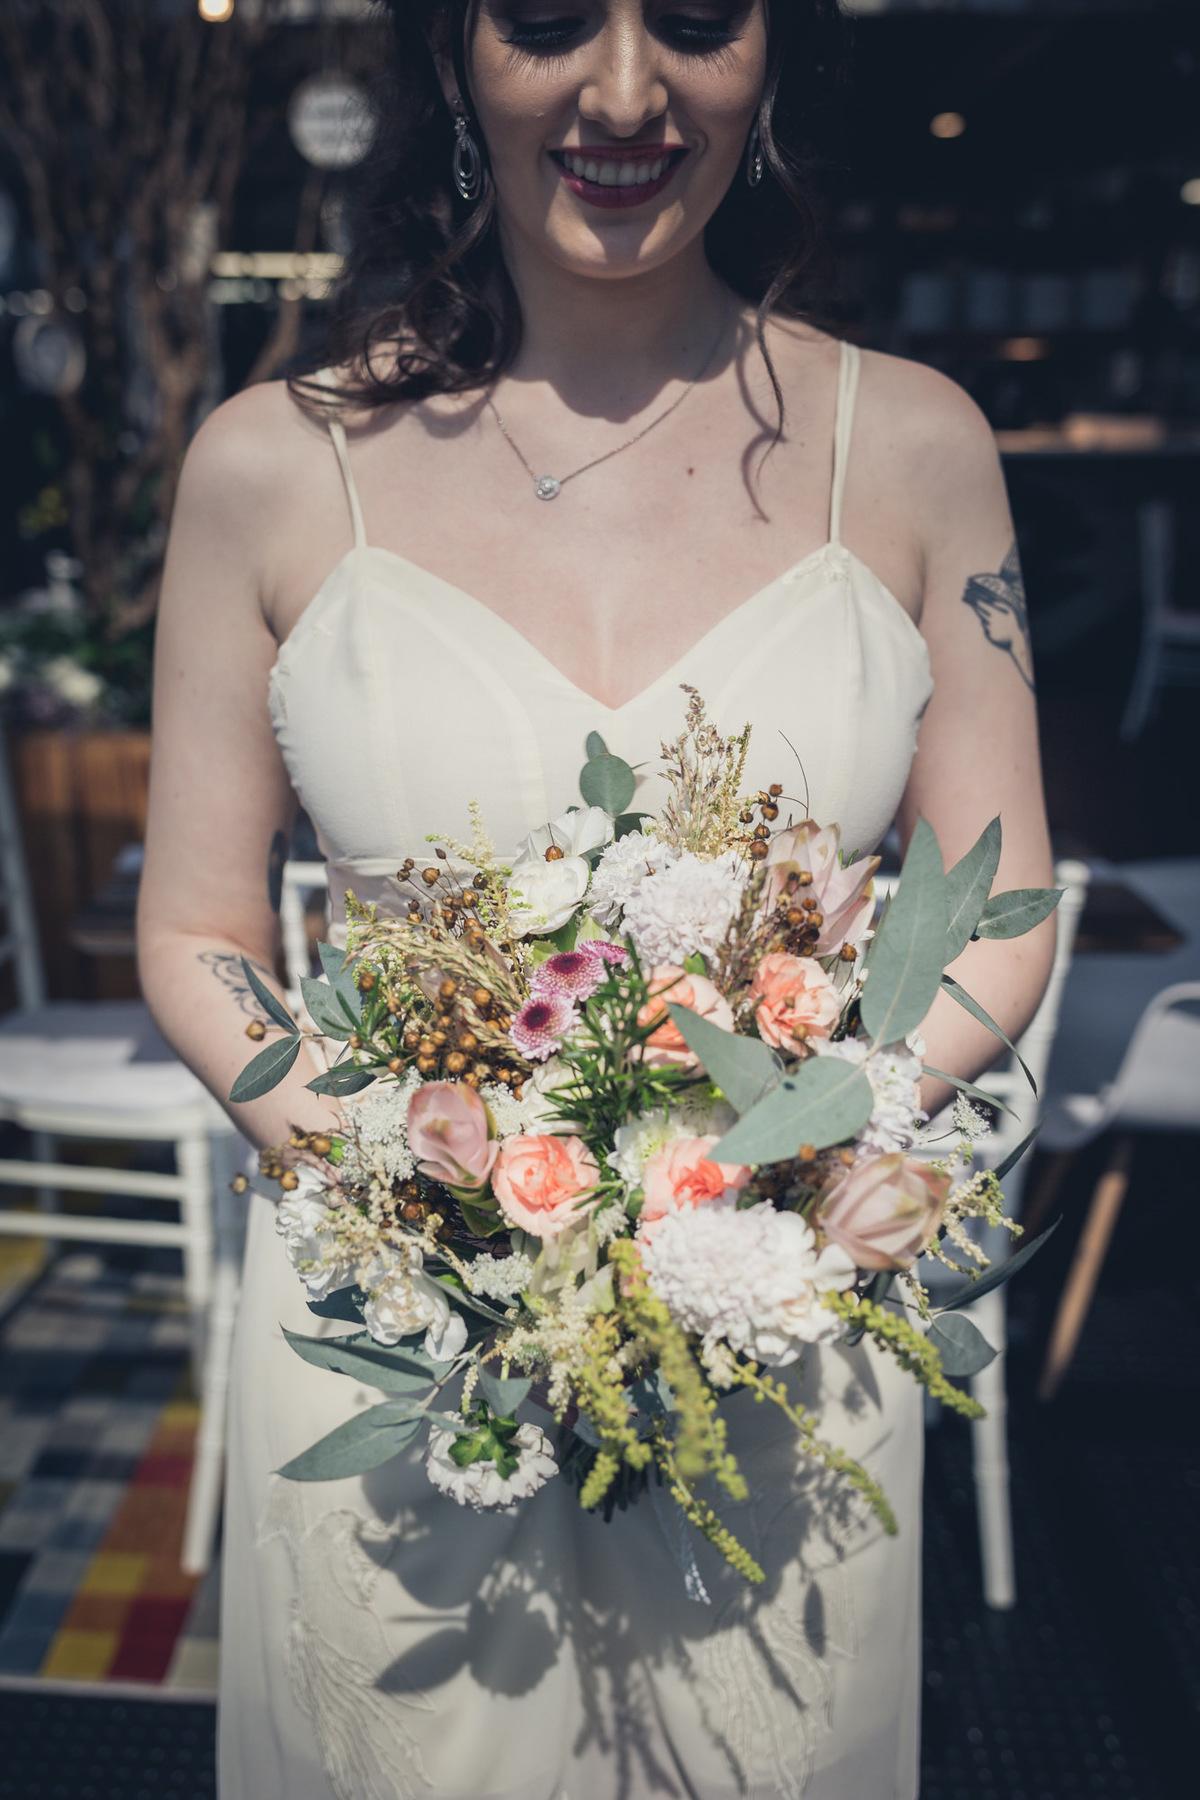 retrato da noiva com buquê de flores